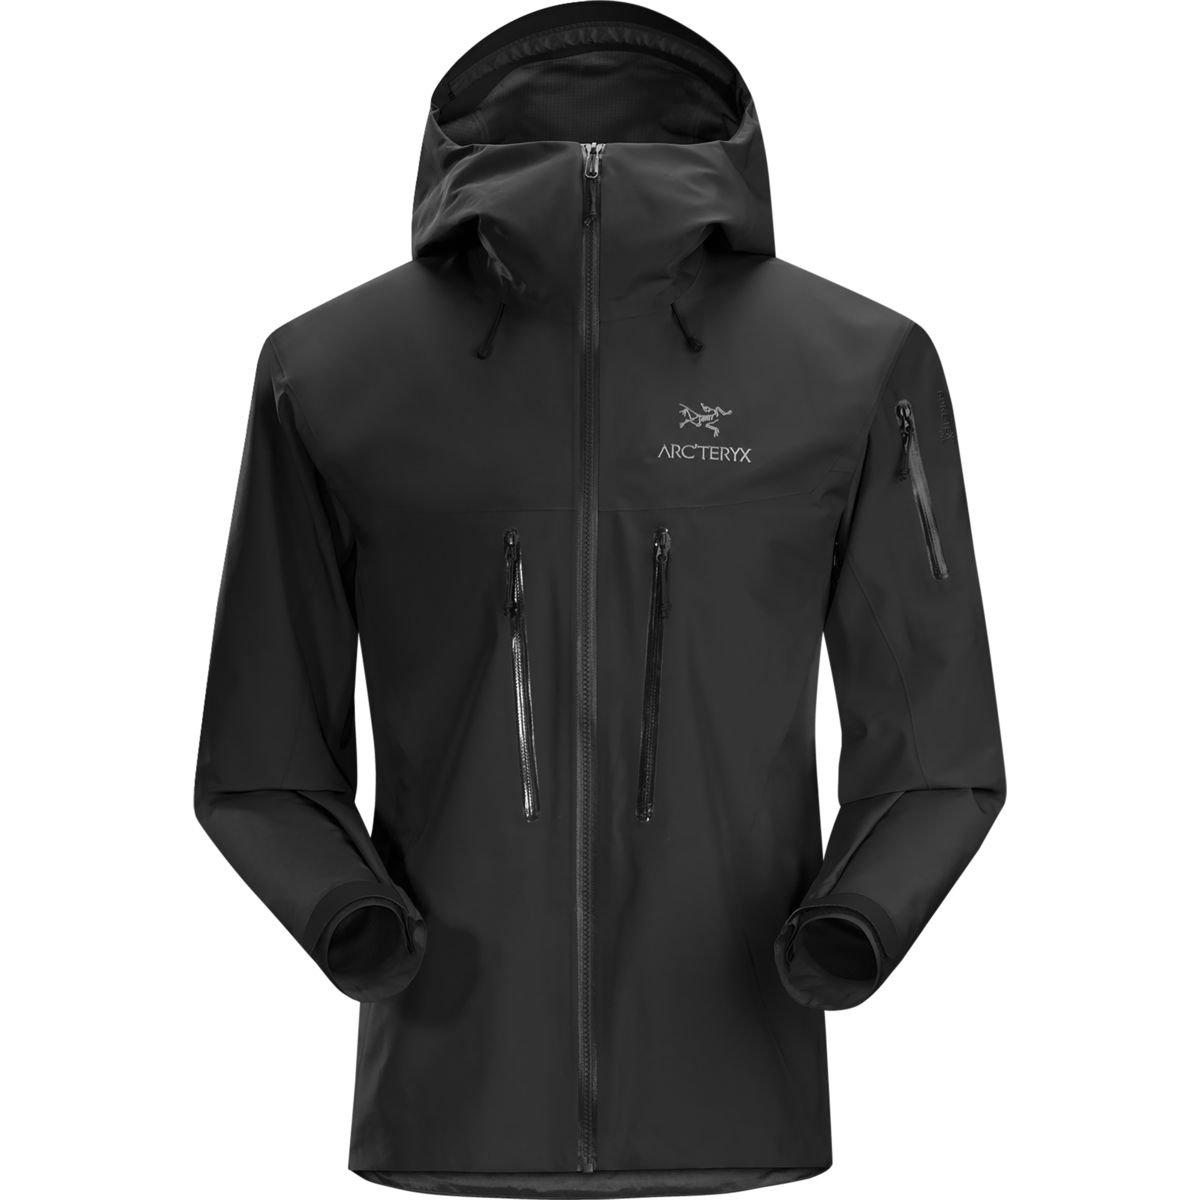 ARCTERYX(アークテリクス) アルファSVジャケット男性用 18082 B0163SUZHA M|ブラック ブラック M